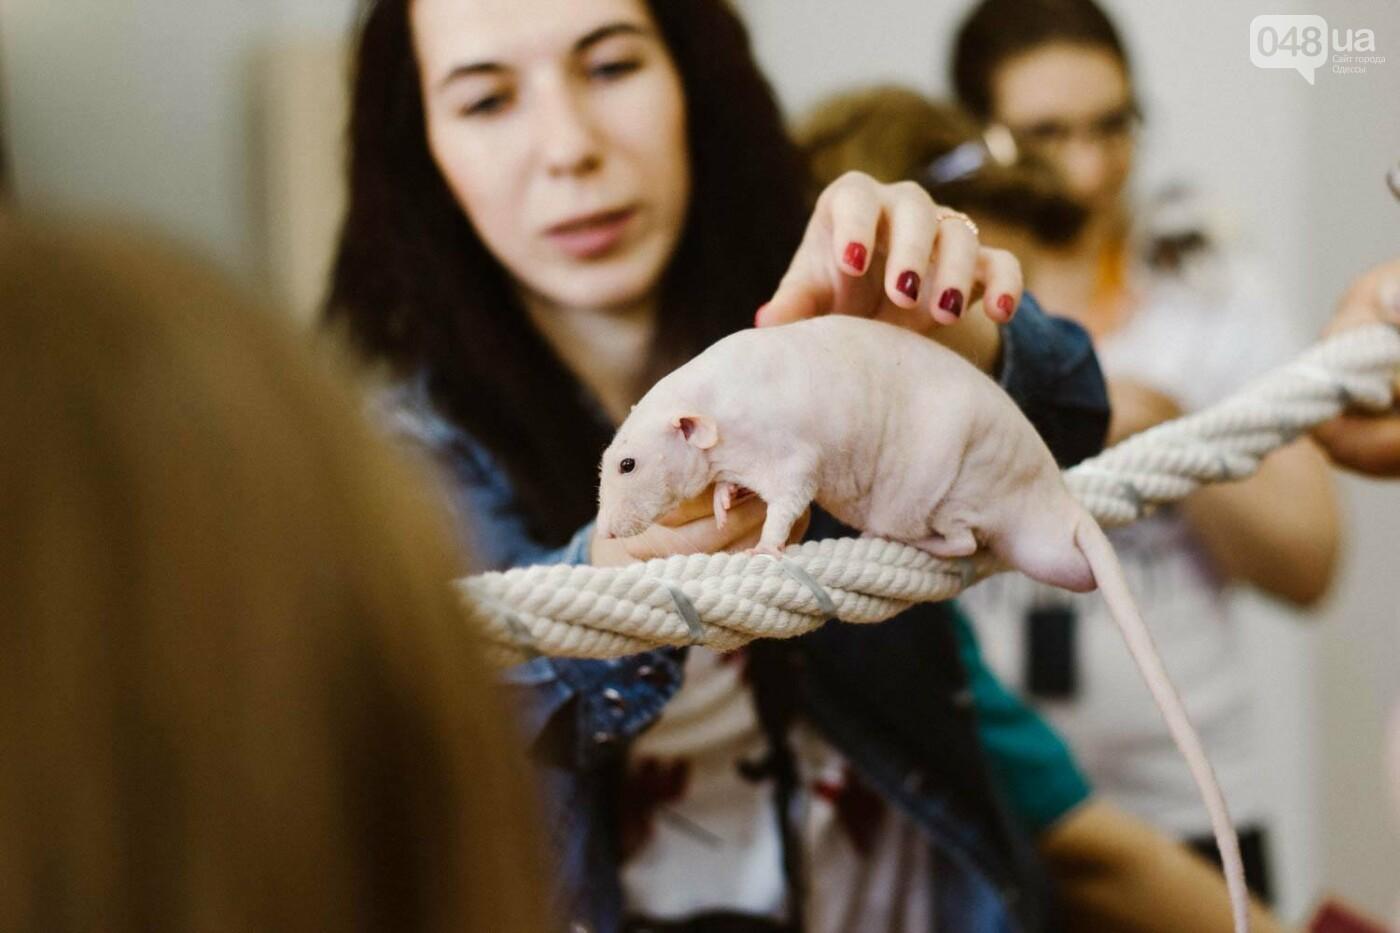 Канатоходцы, бегуны и модники: в Одессе крысам устроили необычный конкурс, - ФОТО, фото-1